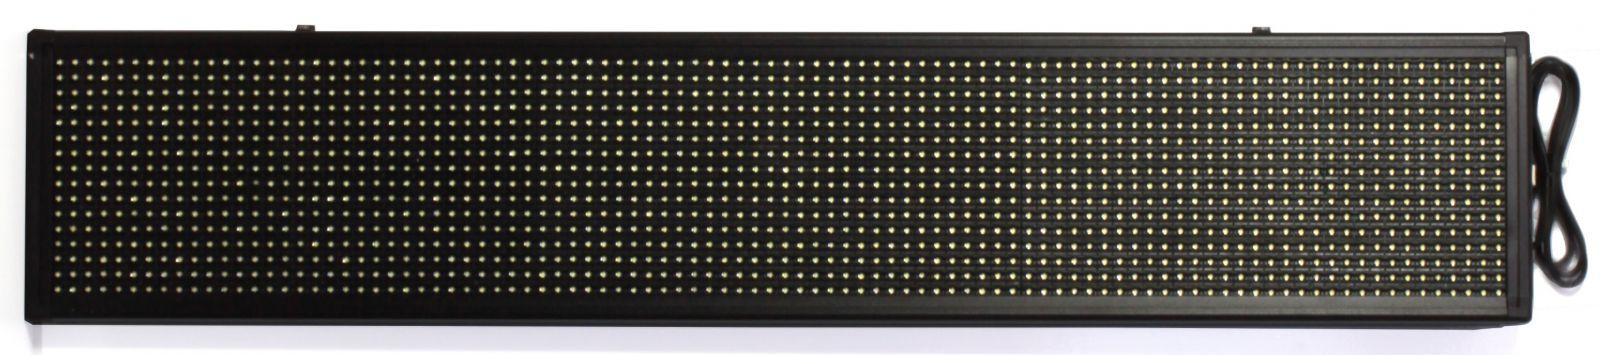 Nástěnné hodiny Informační LED panel pro zobrazování textu C02.3567.01295 Nástěnné hodiny